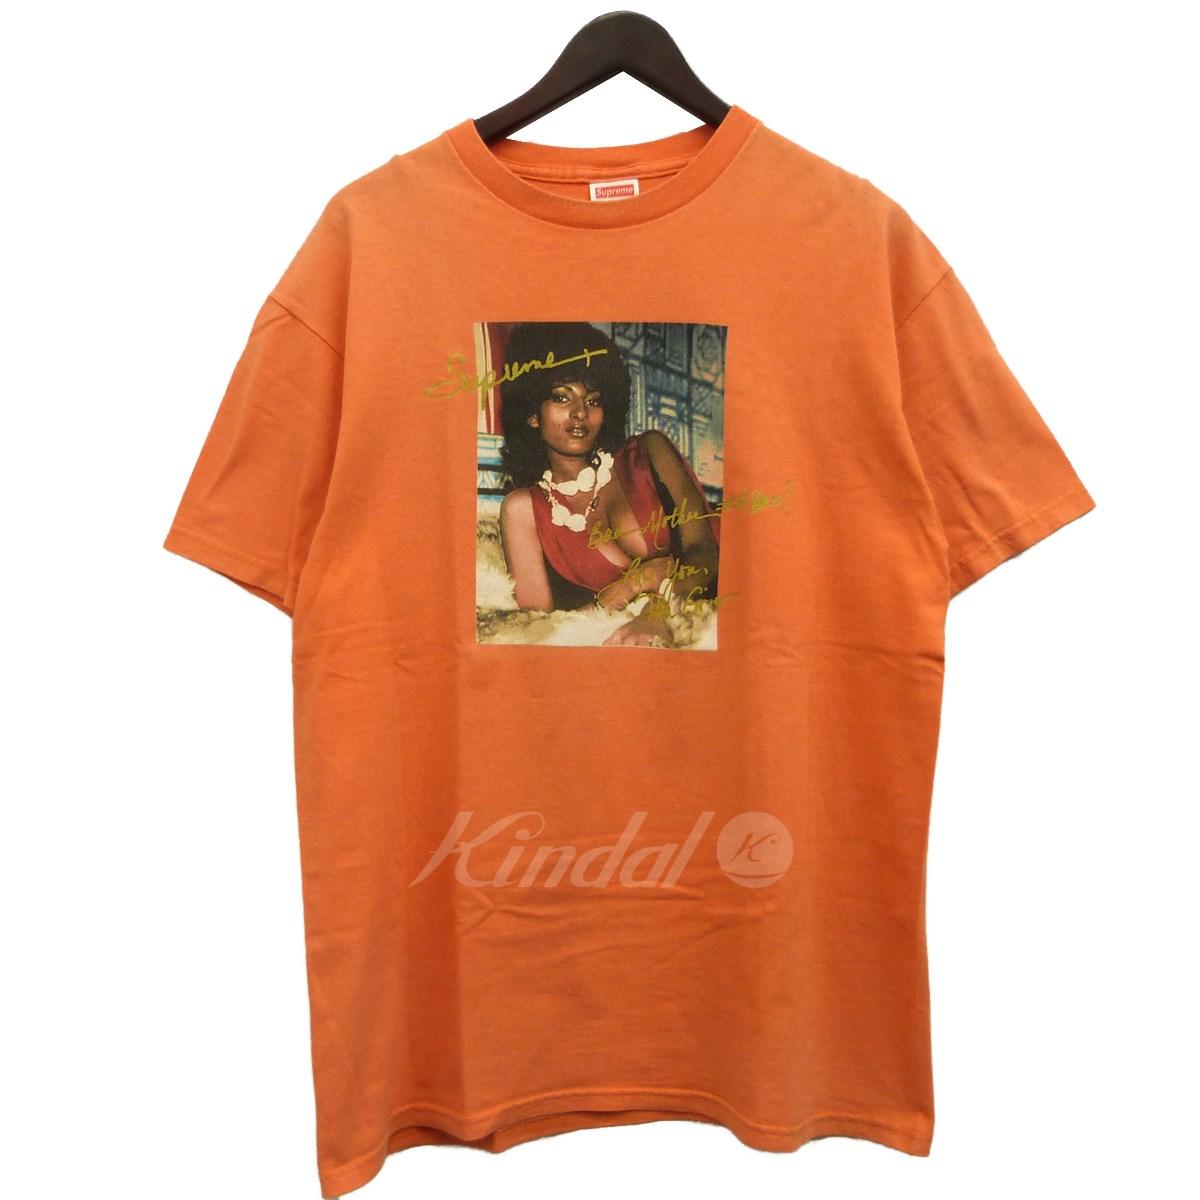 【中古】SUPREME 12SS「Pam Grier Tee」パムグリアーTシャツ オレンジ サイズ:L 【送料無料】 【220319】(シュプリーム)